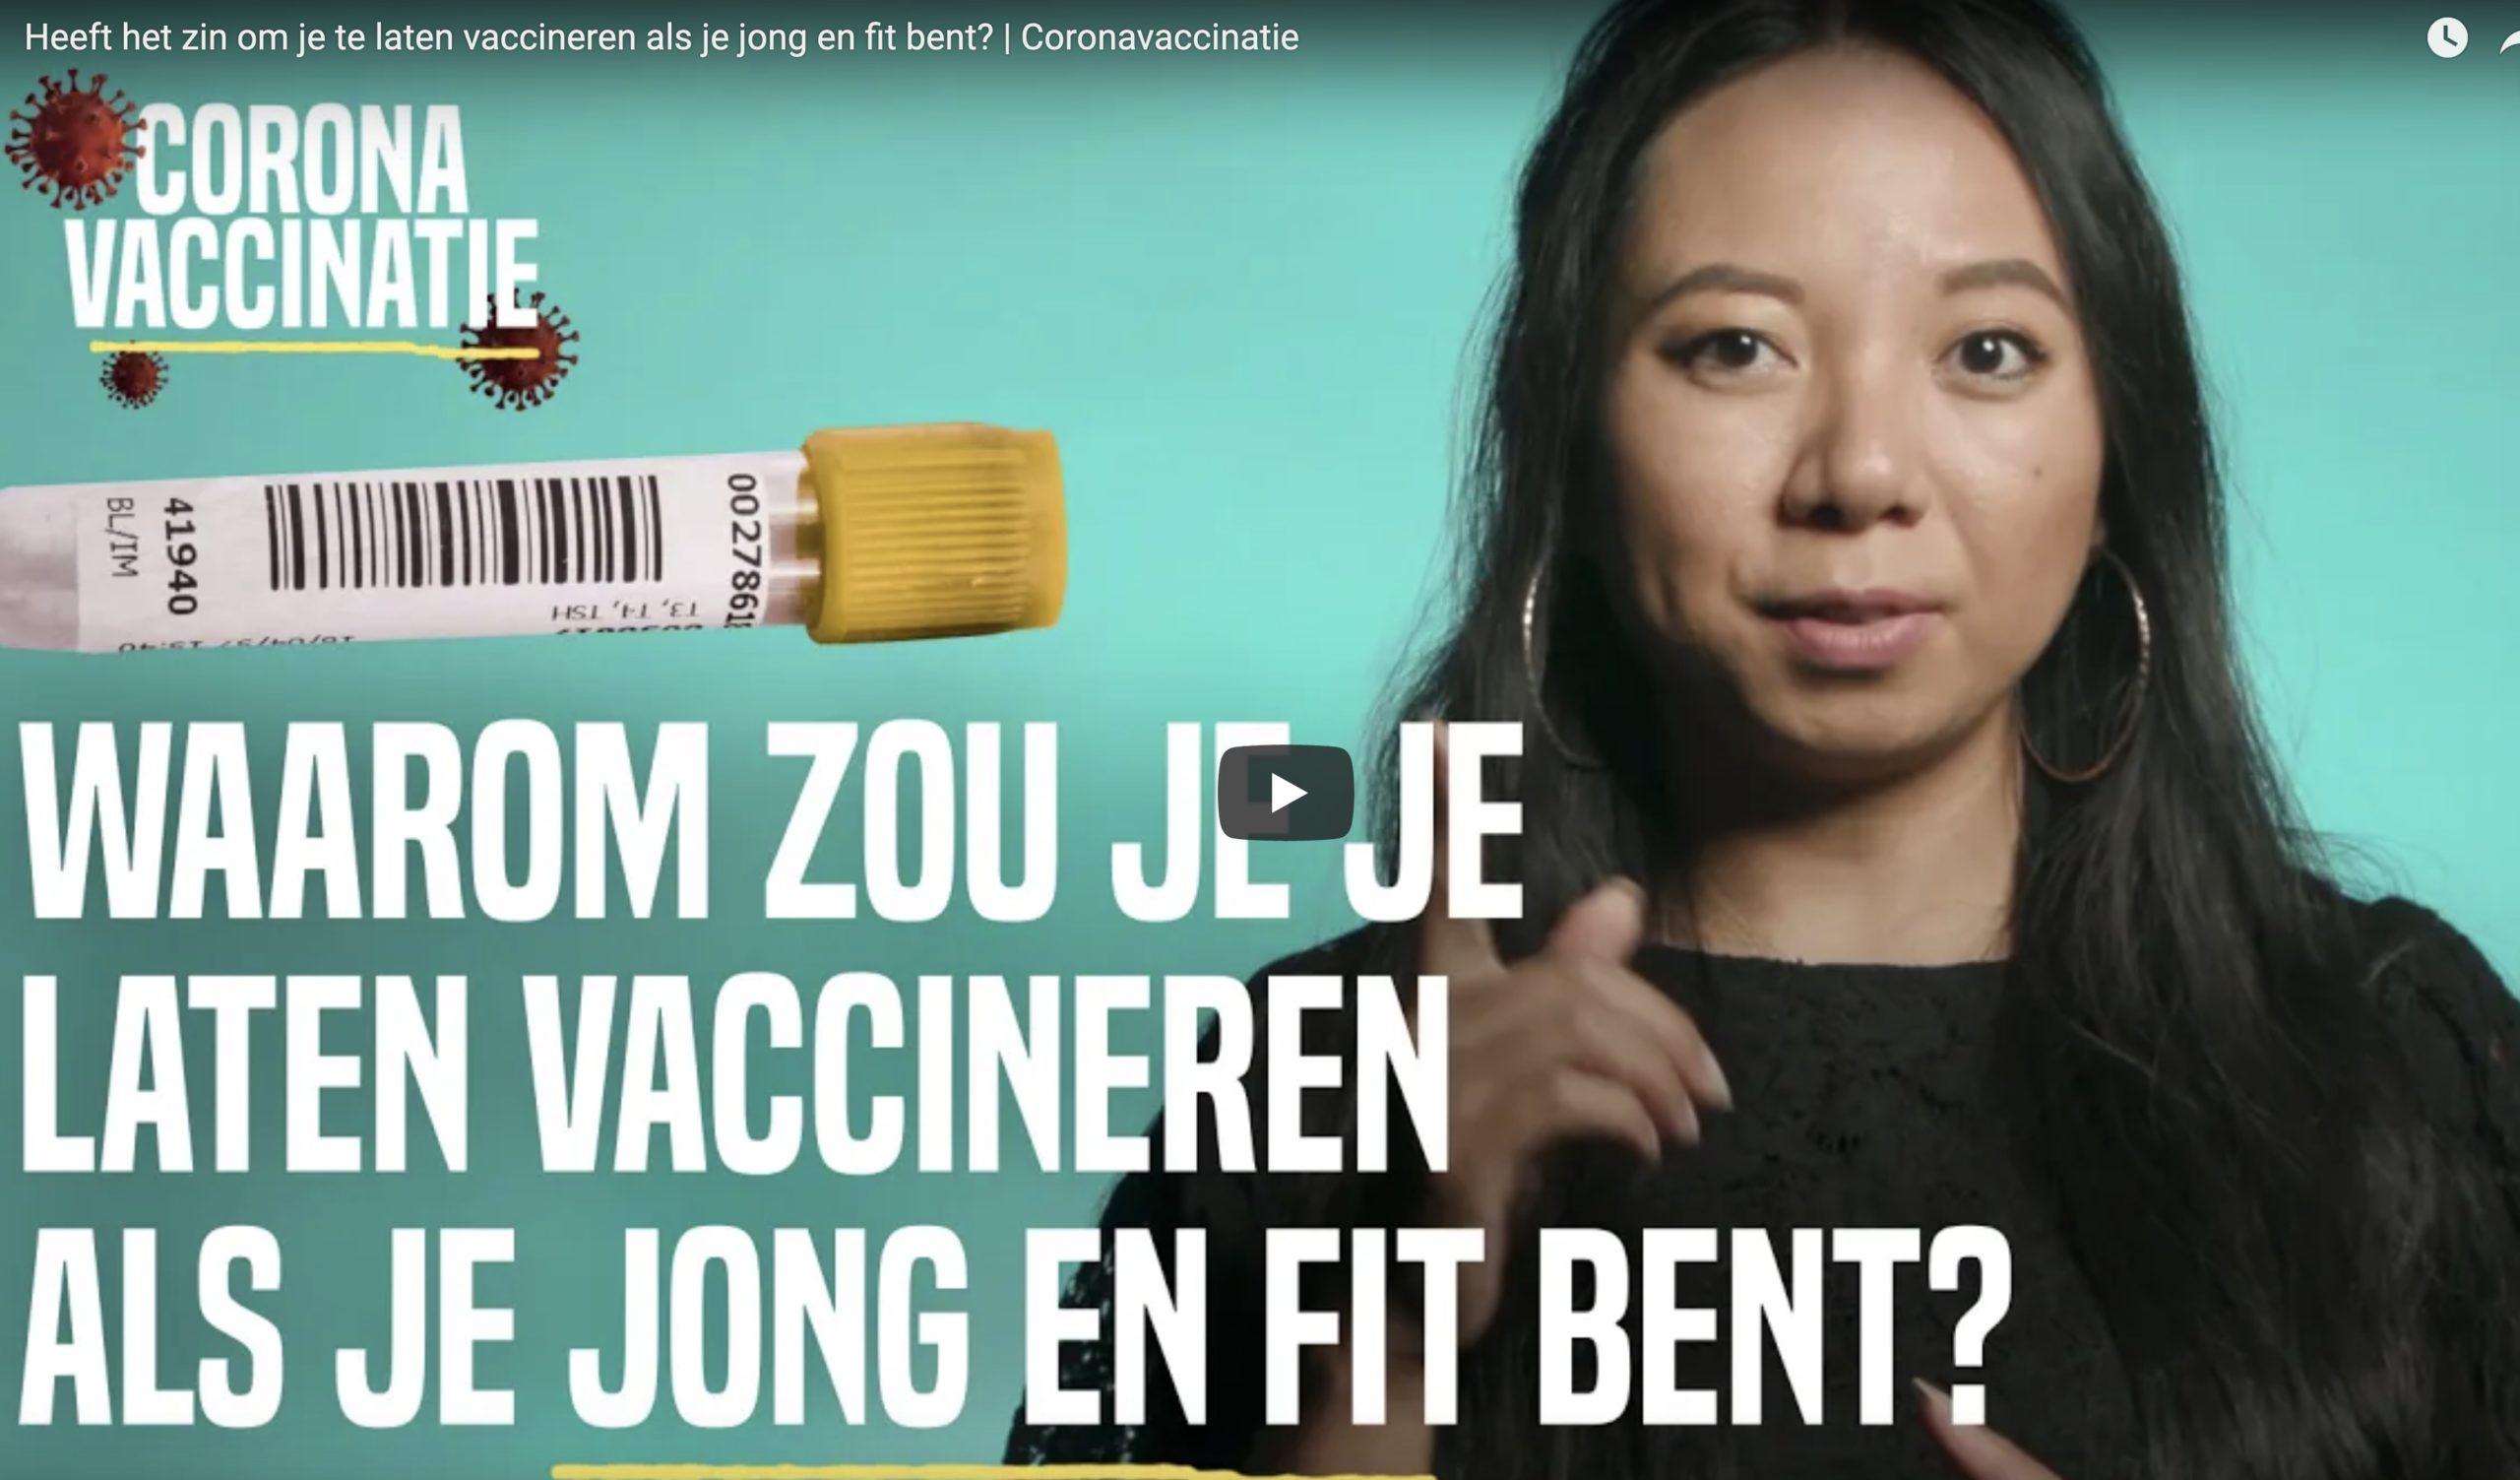 https://huisartskrimpen.nl/wp-content/uploads/2021/07/Jong-en-Fit-moet-je-dan-vaccineren-scaled.jpg